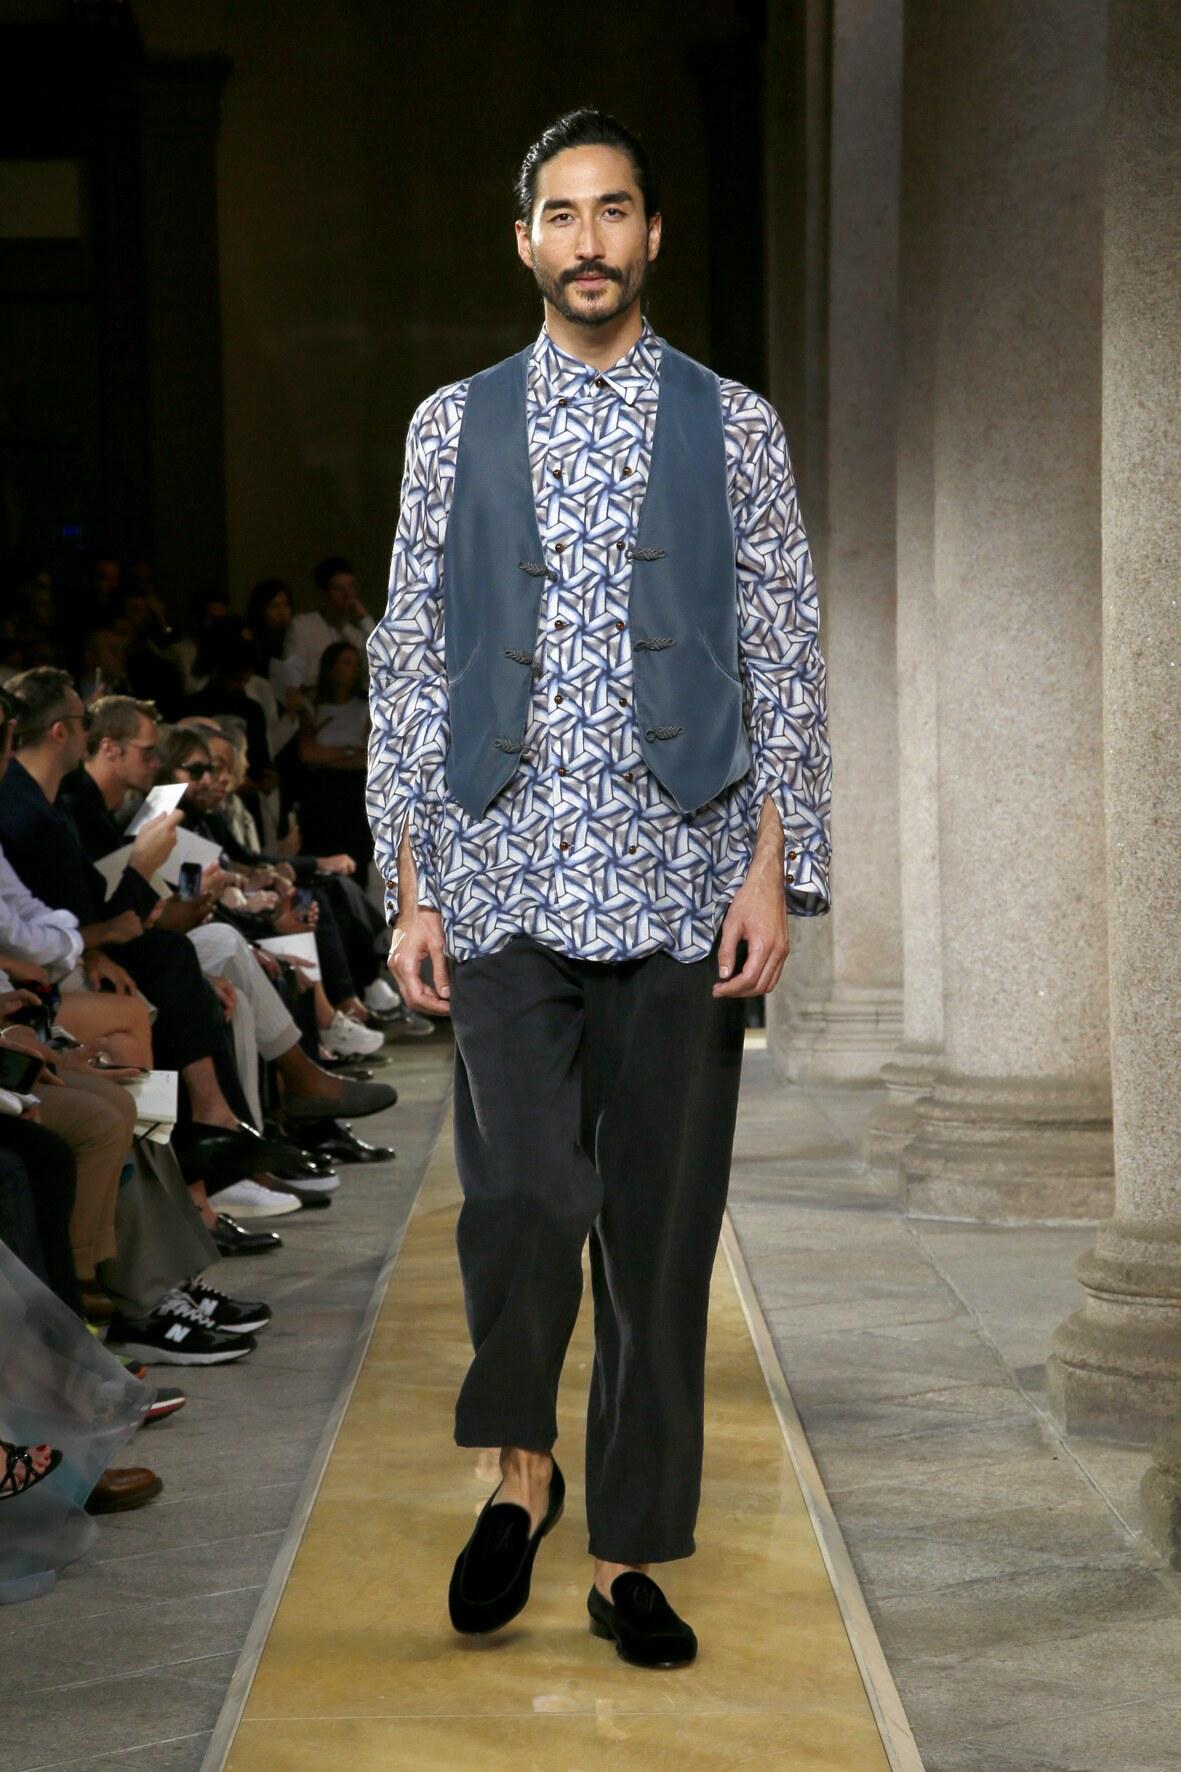 Giorgio Armani Menswear Collection Trends SS